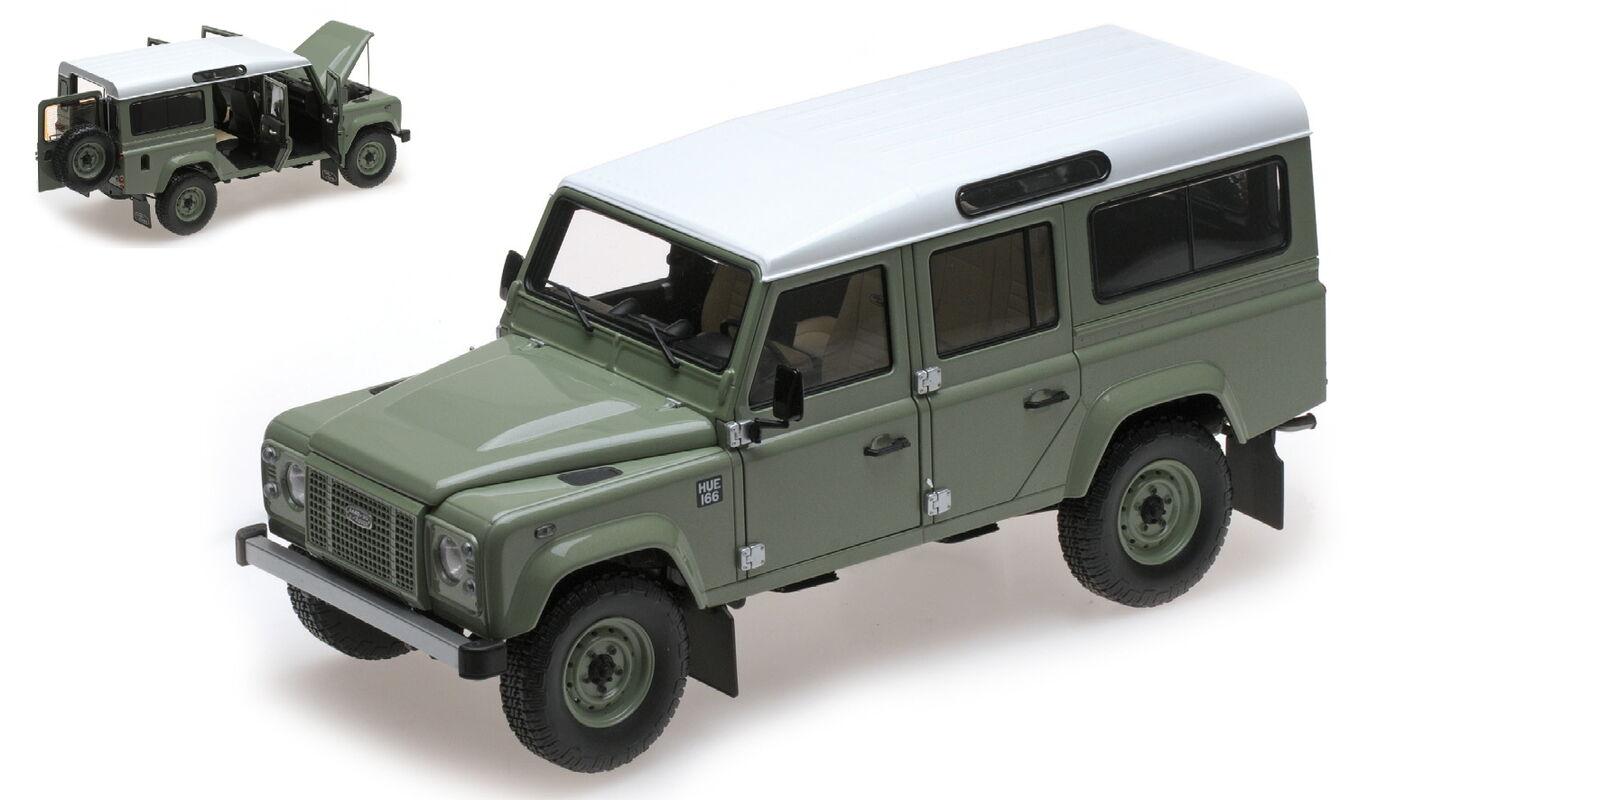 las mejores marcas venden barato Land Rover Defender 110 Heritage Edition 2015 2015 2015 verde ALMOST REAL 1 18 ALM810307  respuestas rápidas